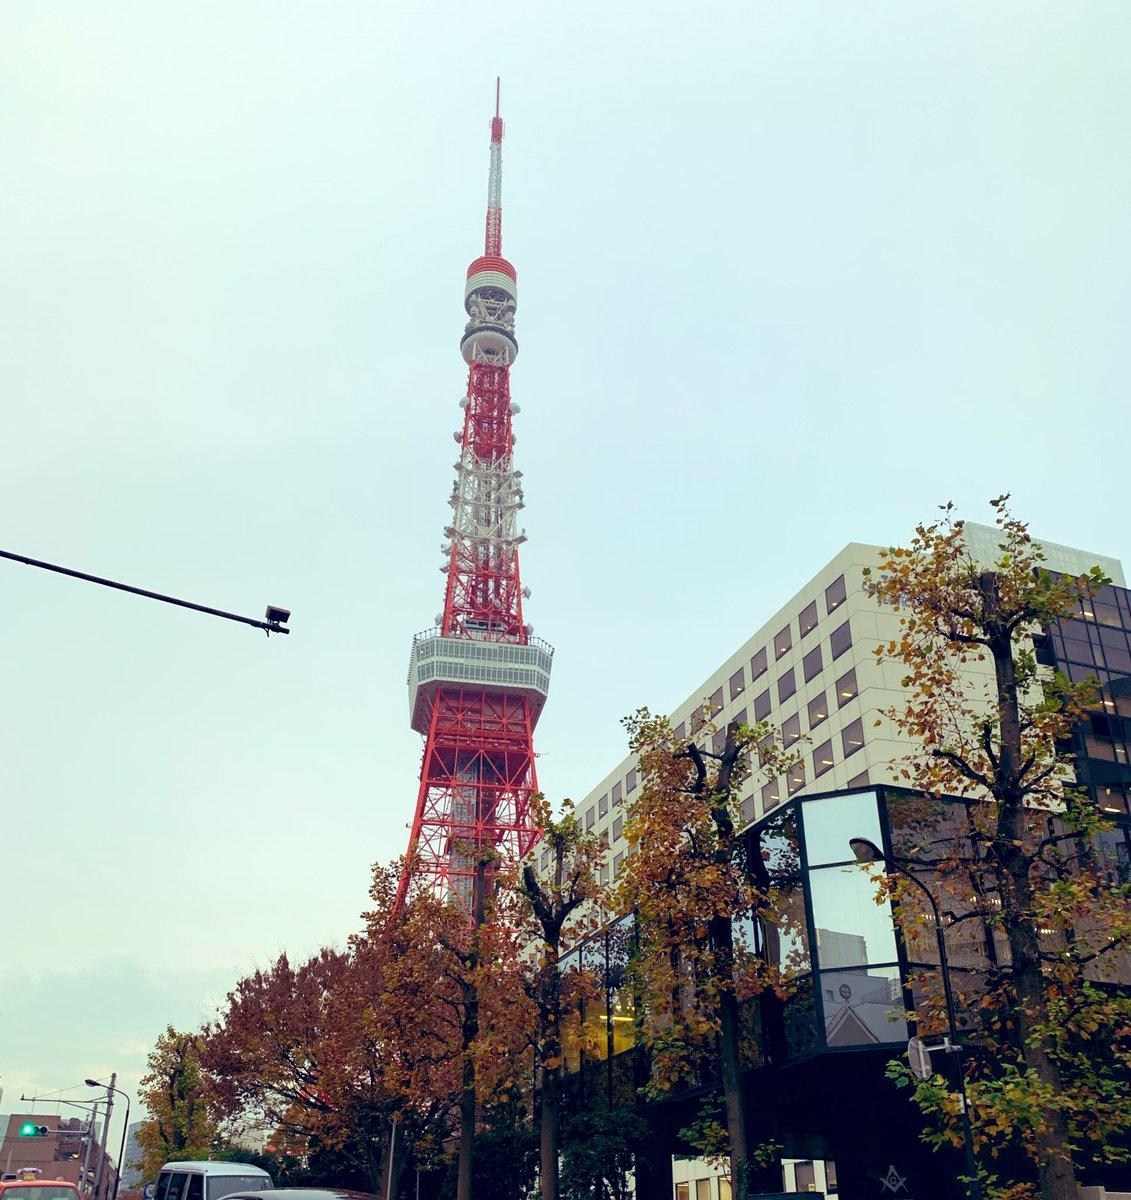 夕方は久しぶりの #東京タワー をお散歩♪ そして近くでやっていた #東京クリスマスマーケット2019  も見て来ました^ ^ このカップを買わないとドリンクが飲めないのはちょっとキツかった笑 けど、楽しめました〜^ ^